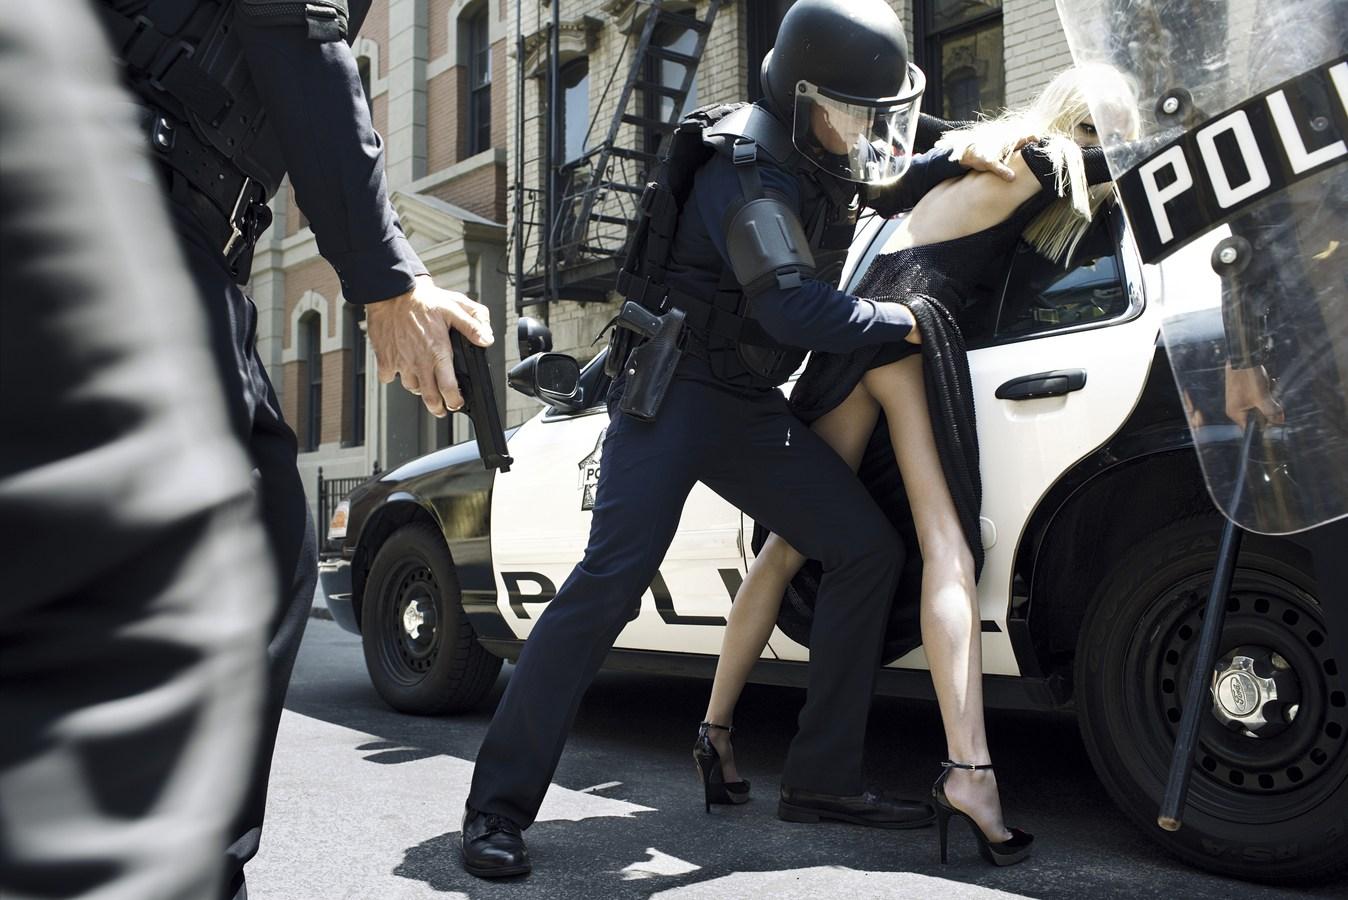 Fotografia czarno-biała. Kontrowersyjna fotografia mody ukazująca umundurowanego policjanta w kasku podczas zatrzymania kobiety. Kobieta, długowłosa blondynka, stojąca tyłem do widza, lecz jej wzrok skierowany jest wprost na oglądającego zdjęcie. Oparta o radiowóz, ubrana w błyszczącą długą sukienkę, z odkrytymi plecami oraz rozcięciem sięgającym i odsłaniającym prawy pośladek. Umundurowany policjant jedną ręką trzyma kobietę za prawe ramie,a prawą rękę wsuwa pod sukienkę i trzyma kobietę za odsłonięty pośladek. W kadrze częściowo widać jeszcze dwóch innych umundurowanych policjantów.